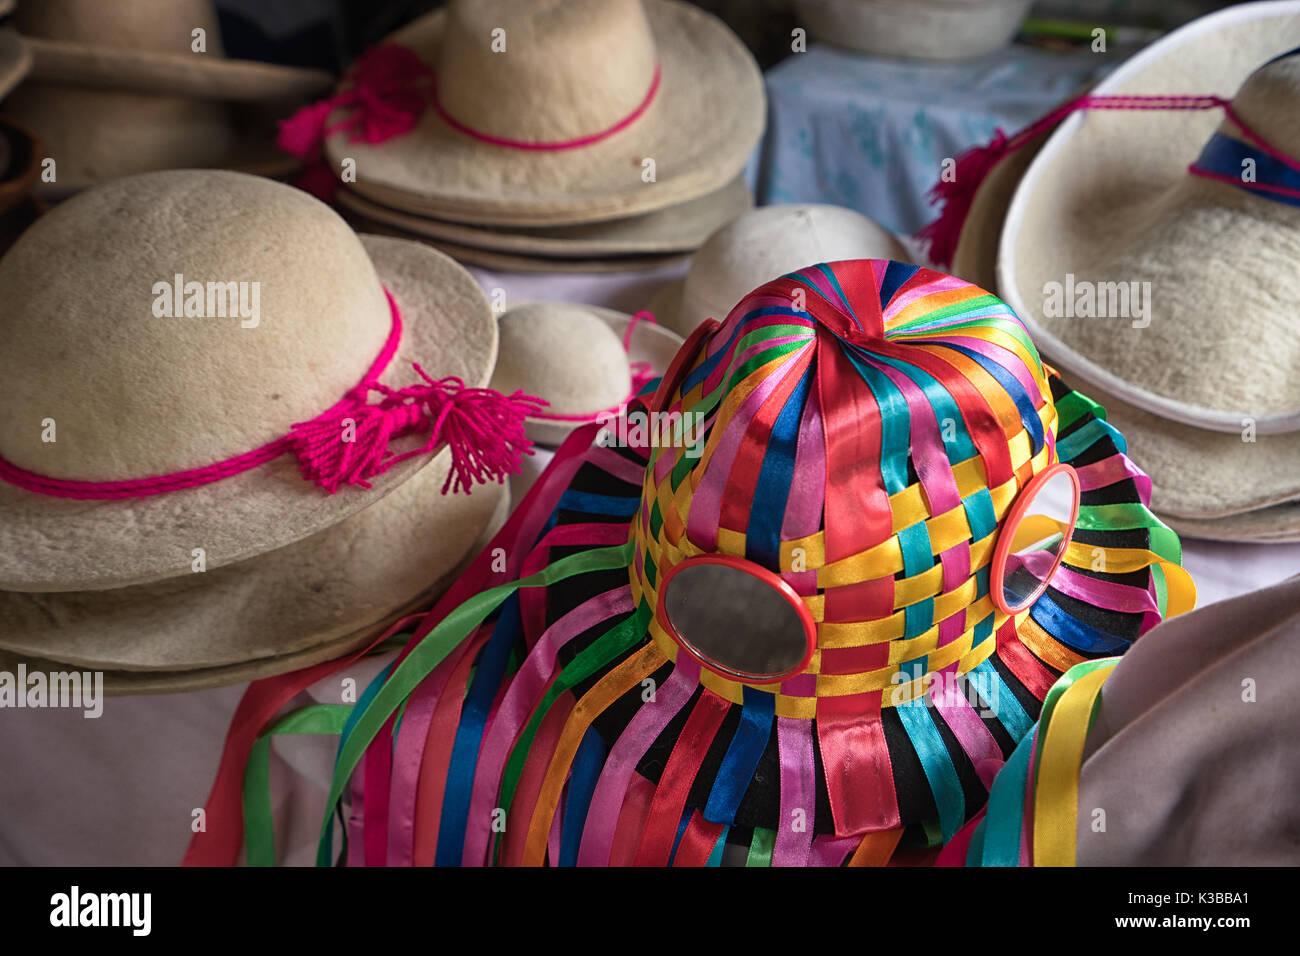 Felt Hats Imágenes De Stock   Felt Hats Fotos De Stock - Alamy c34ee286f99